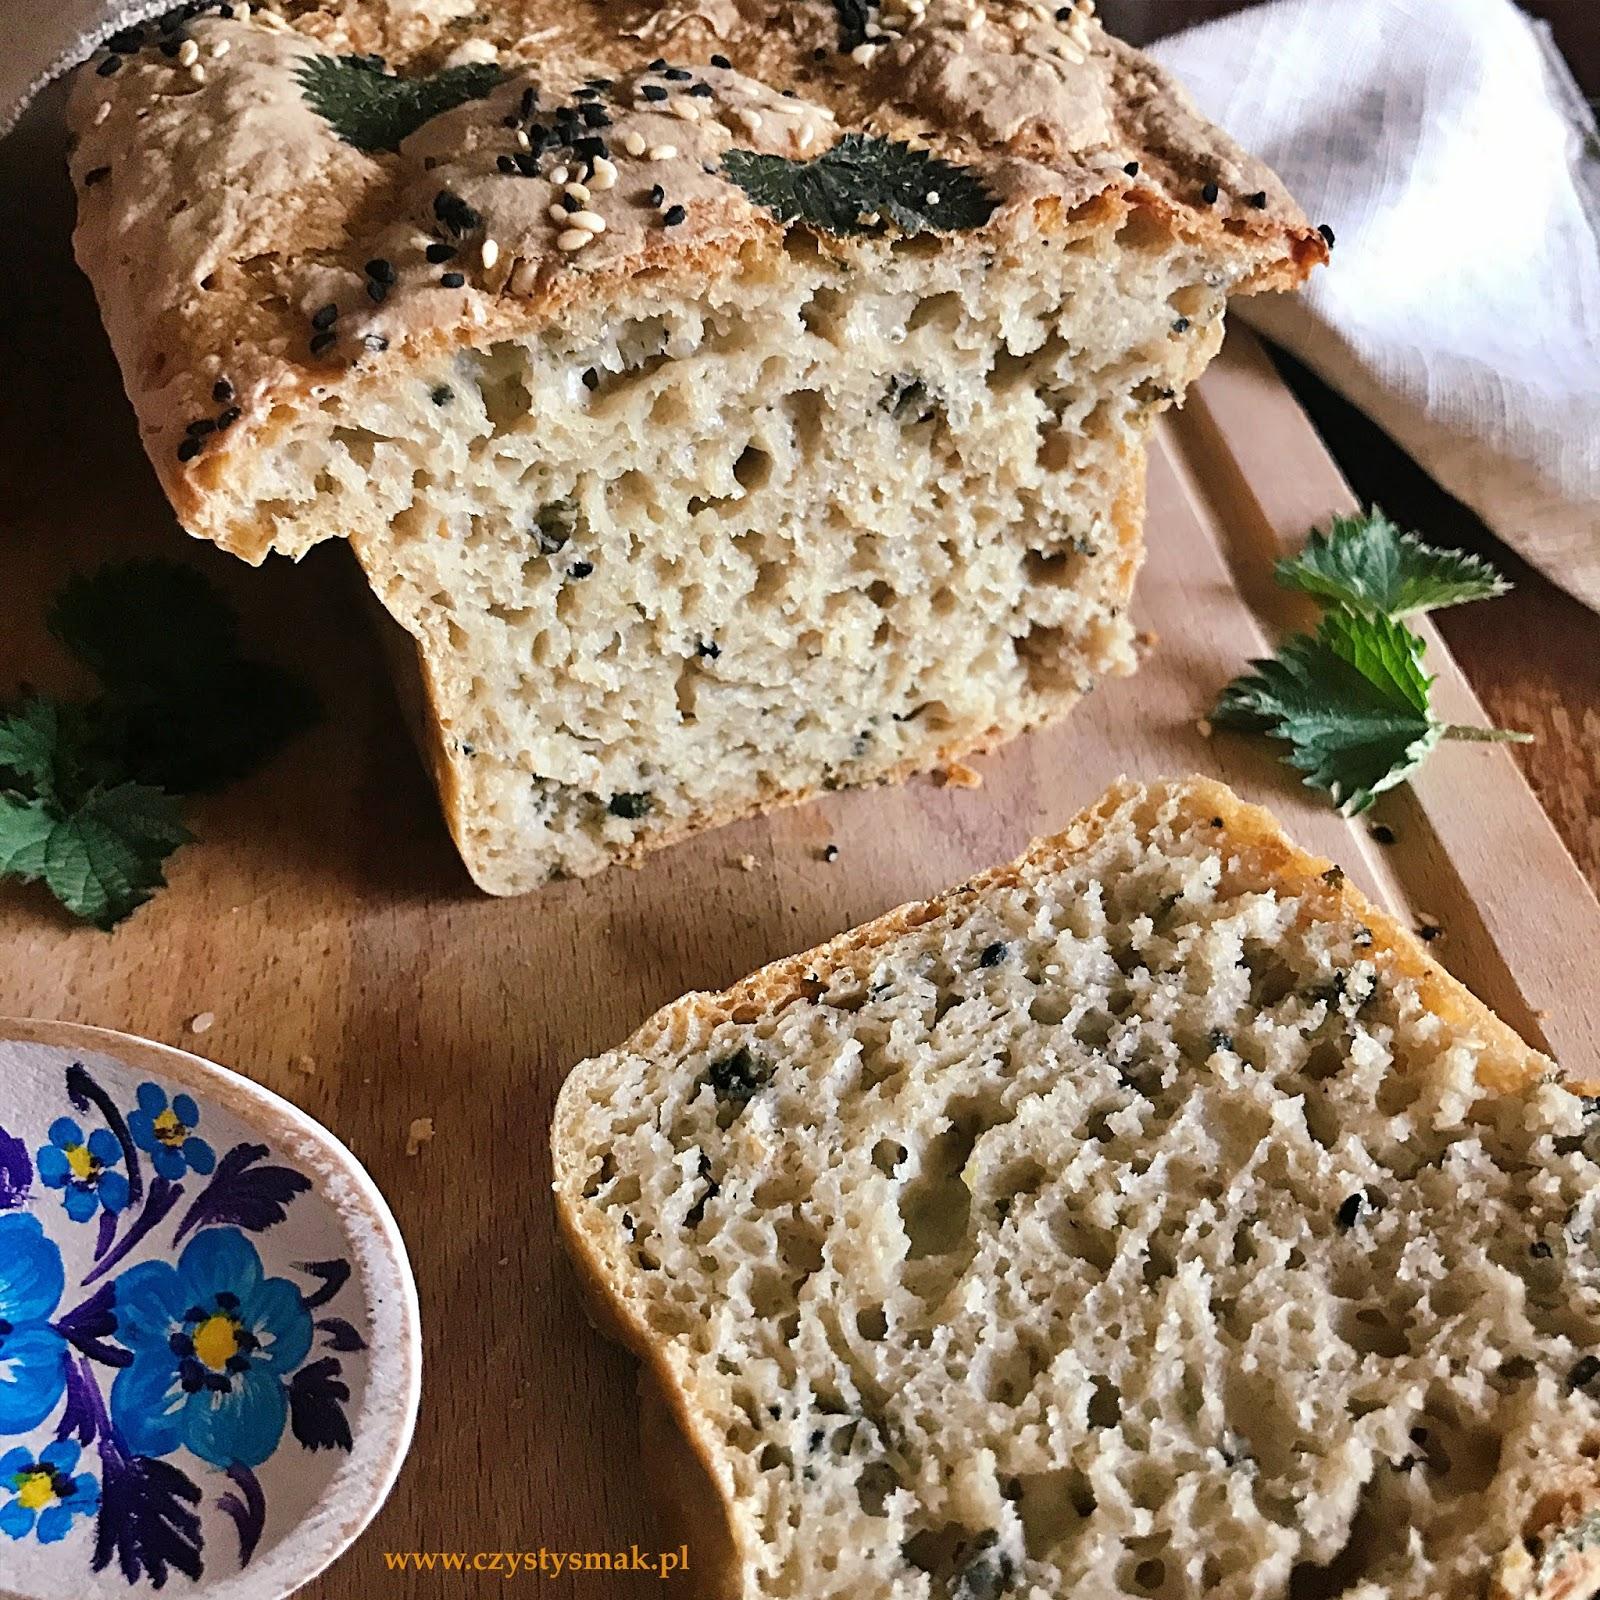 Chleb na zakwasie z młodą pokrzywą